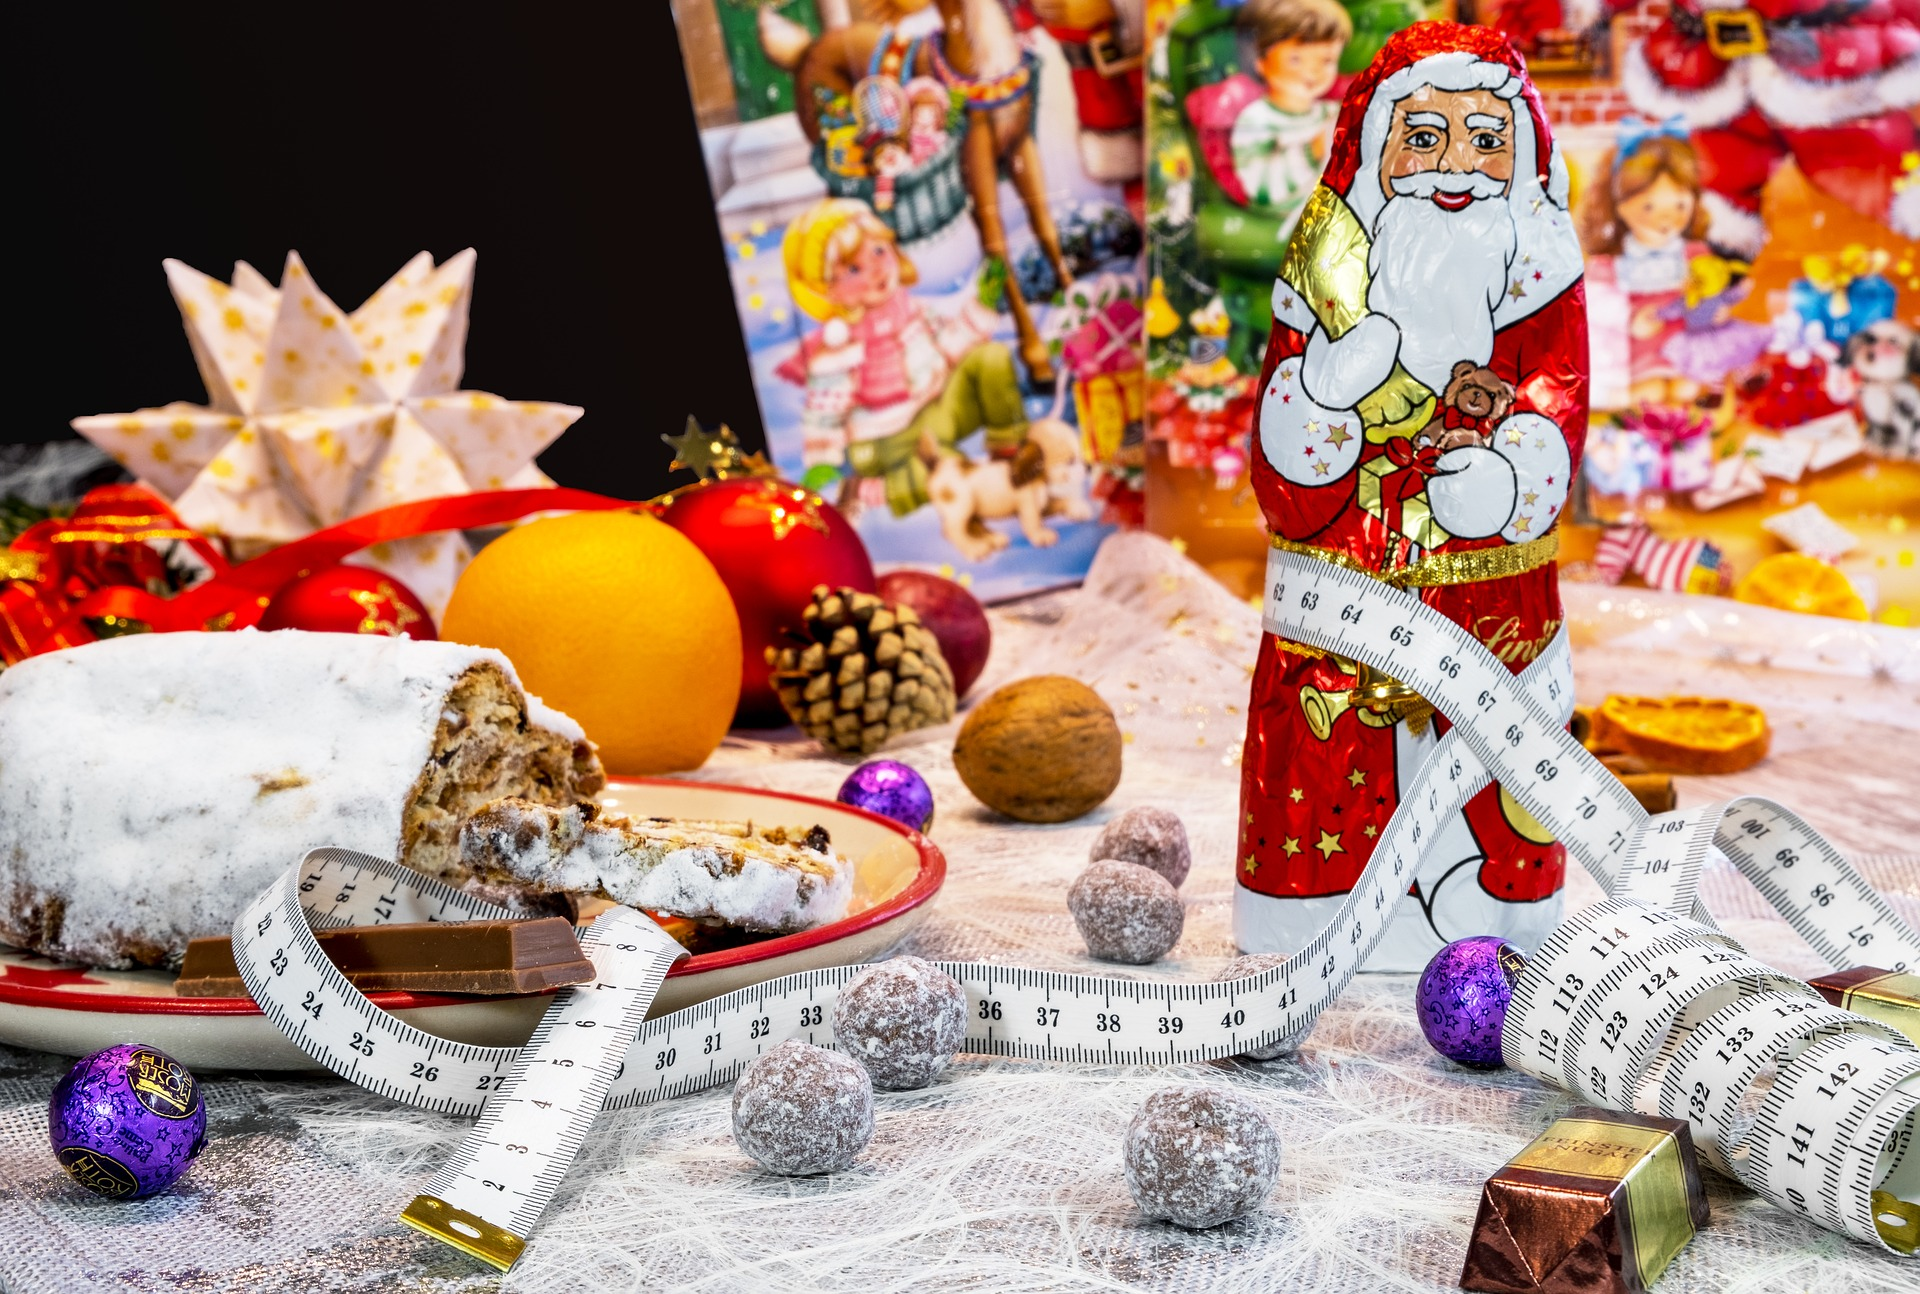 Bilder Nach Weihnachten.Abnehmen Nach Weihnachten So Purzeln Die Festtagskilos Fit Mit